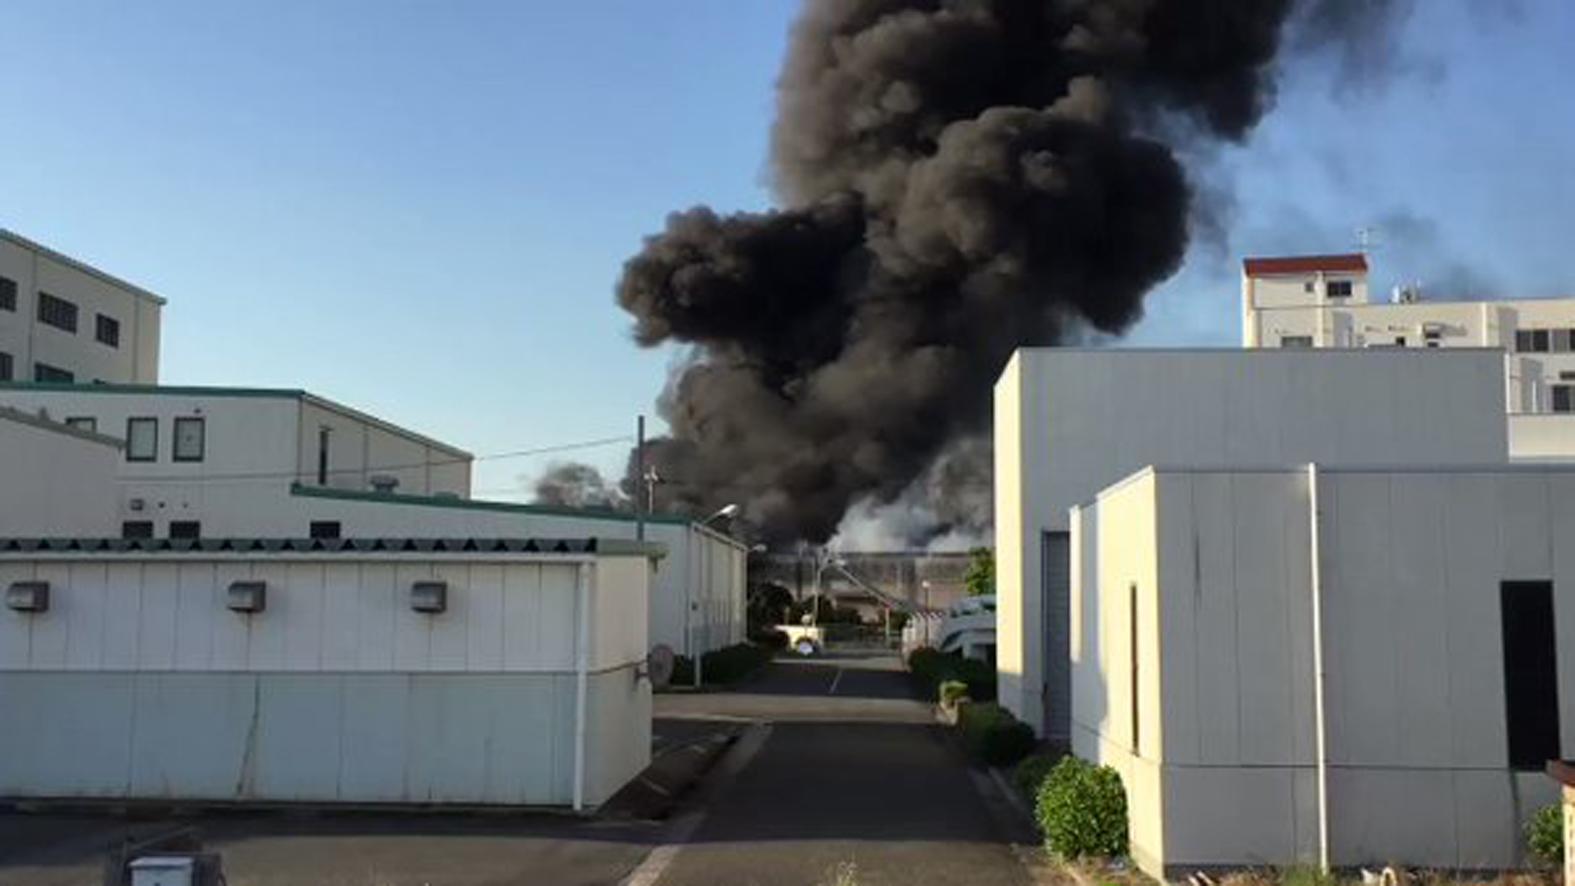 加古郡播磨町の播磨町塵芥処理センターの北側で火災が発生したそうです。【火災情報】